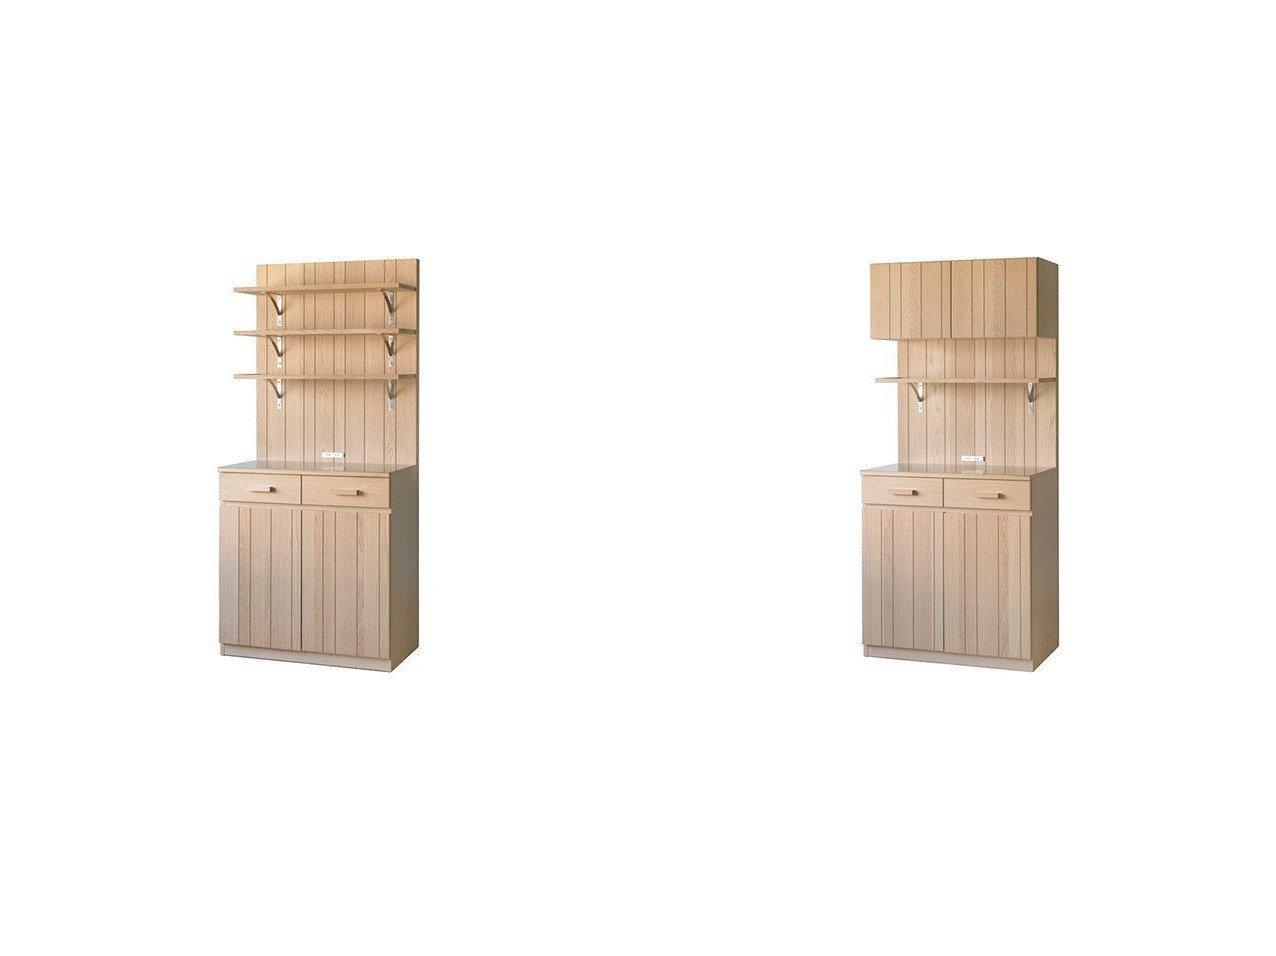 【FLYMEe vert/フライミー ヴェール】のシェルフボード #103593&オープンボードシェルフ #103594 【FURNITURE】おすすめ!人気、インテリア雑貨・家具の通販  おすすめで人気の流行・トレンド、ファッションの通販商品 インテリア・家具・メンズファッション・キッズファッション・レディースファッション・服の通販 founy(ファニー) https://founy.com/ オイル ボックス ホーム・キャンプ・アウトドア Home,Garden,Outdoor,Camping Gear キッチン・ダイニング Kitchen Dining キッチン収納 Kitchen 食器棚・レンジ台・キッチンボード ホーム・キャンプ・アウトドア Home,Garden,Outdoor,Camping Gear キッチン・ダイニング Kitchen Dining キッチン家電・キッチン用品 Kitchenware カップ&ソーサー・マグ |ID:crp329100000050600